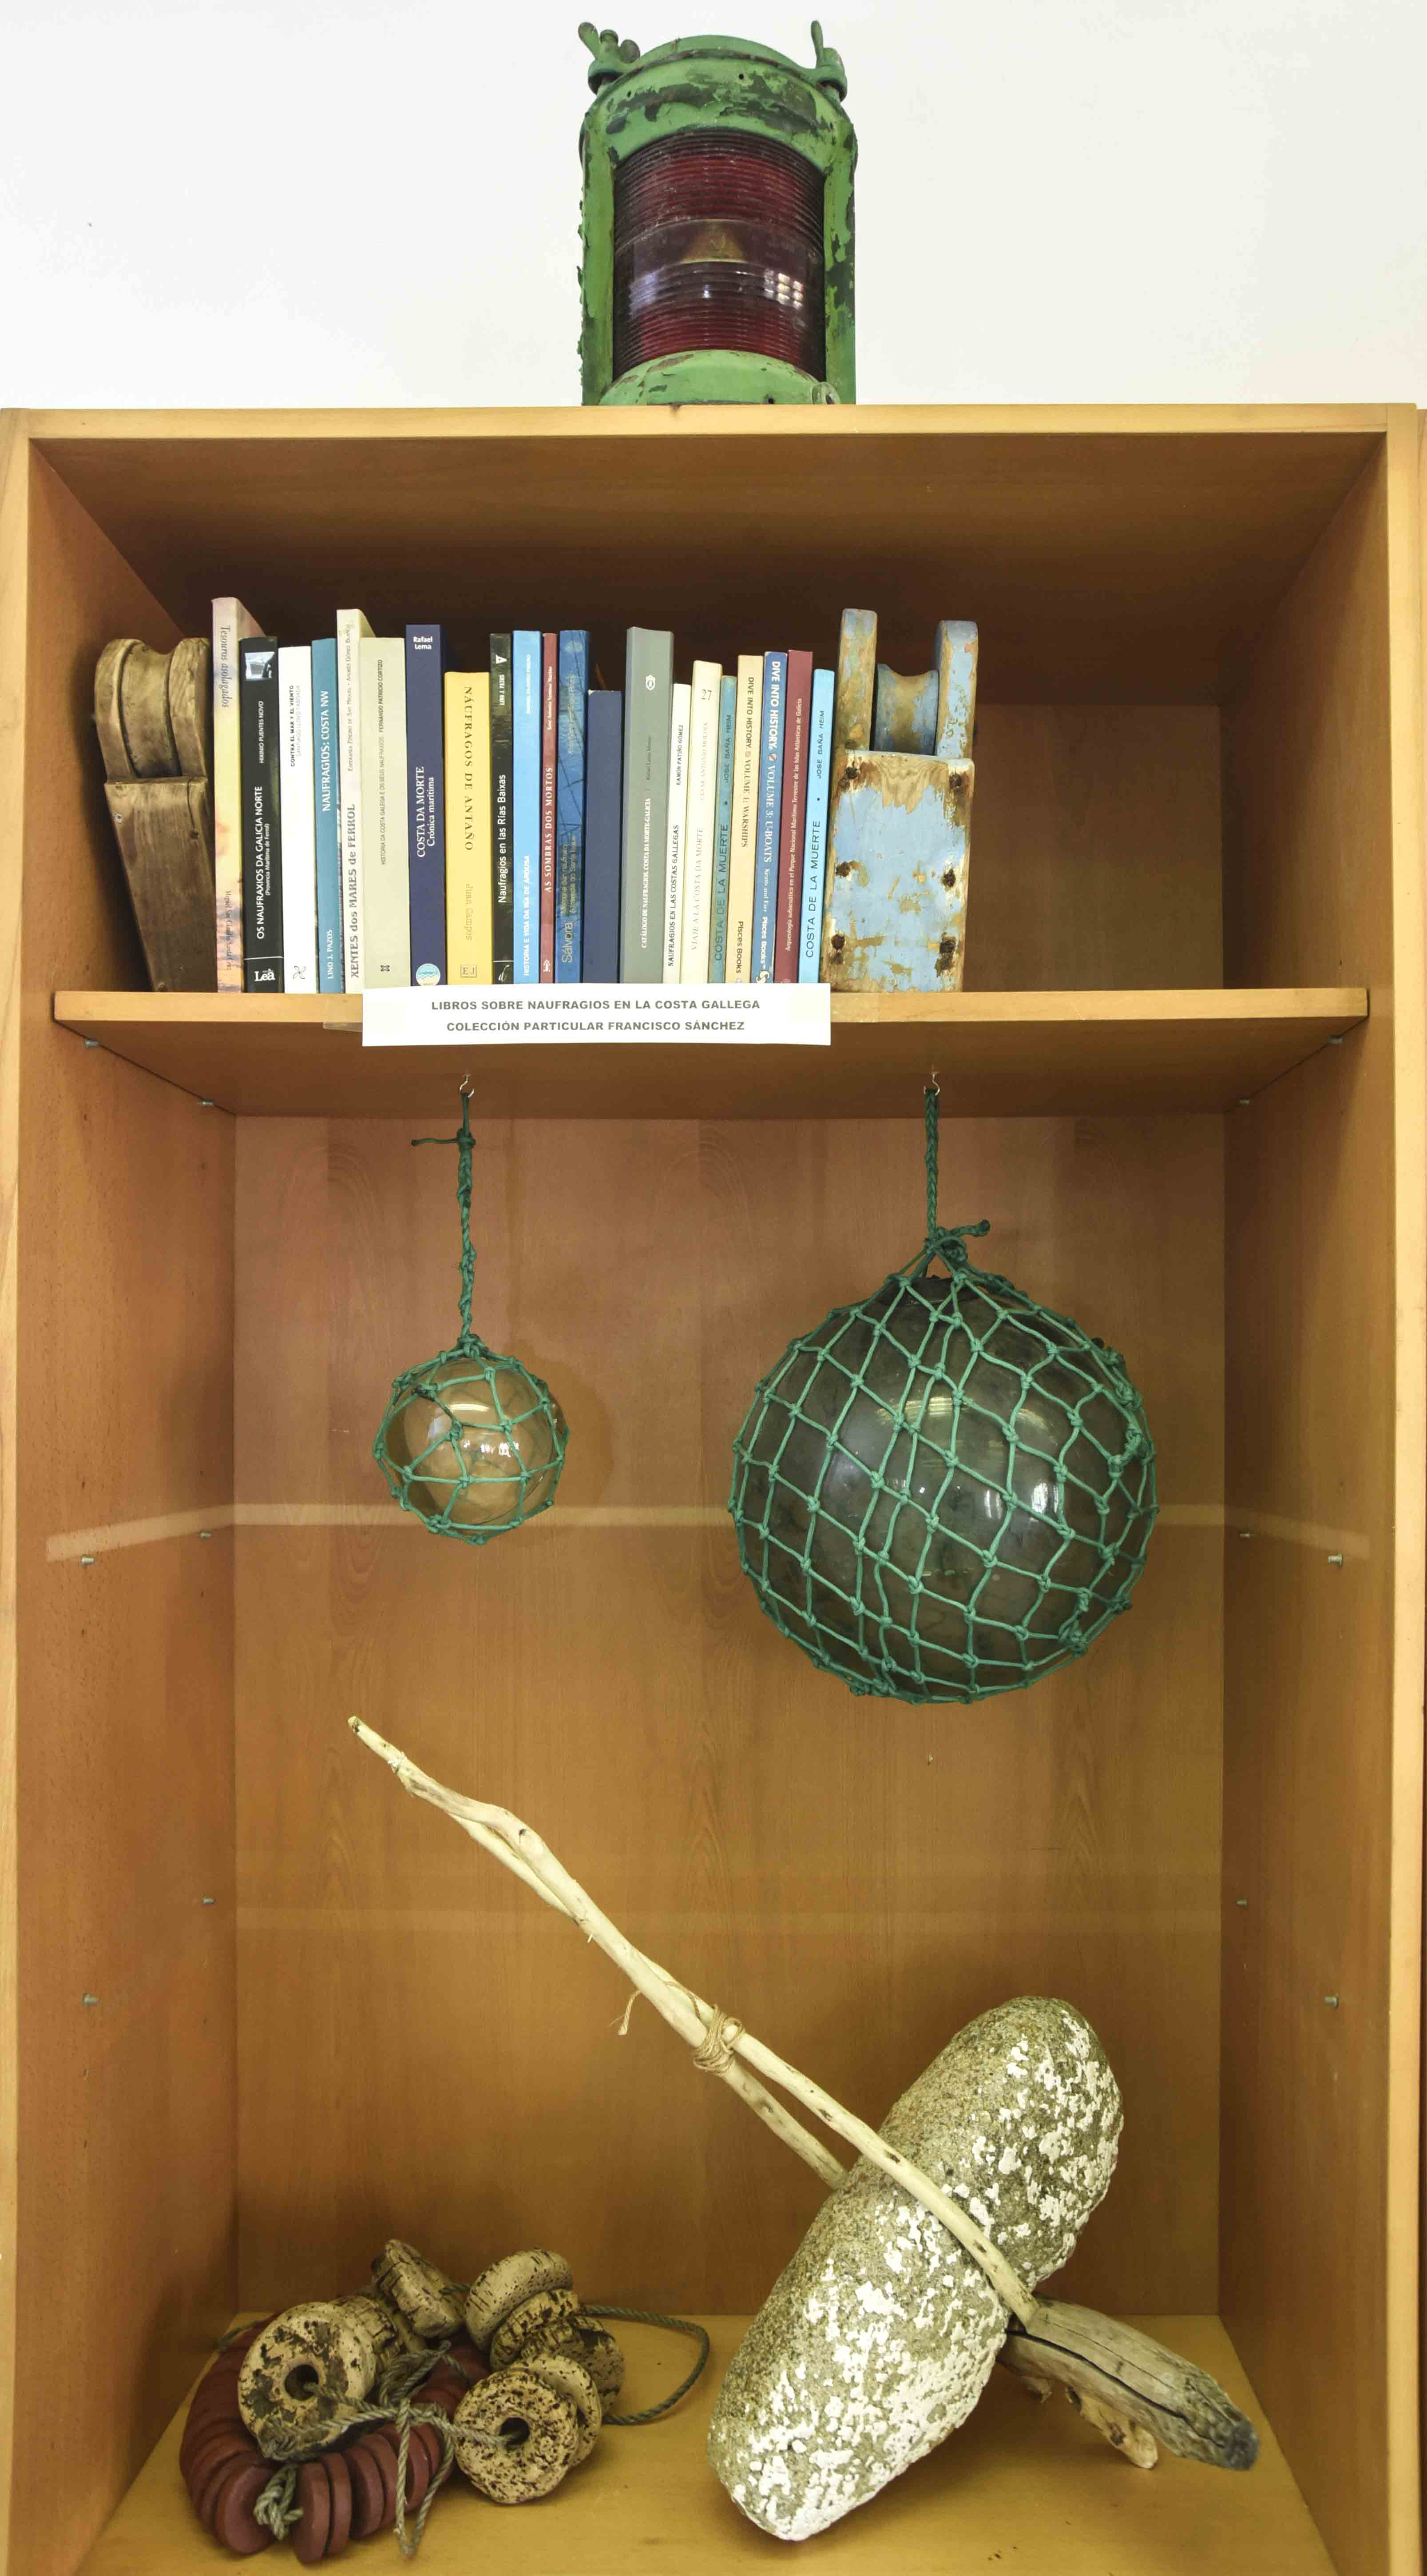 corrubedo-en-los-archivos-libros-naufragios-pesca.jpg